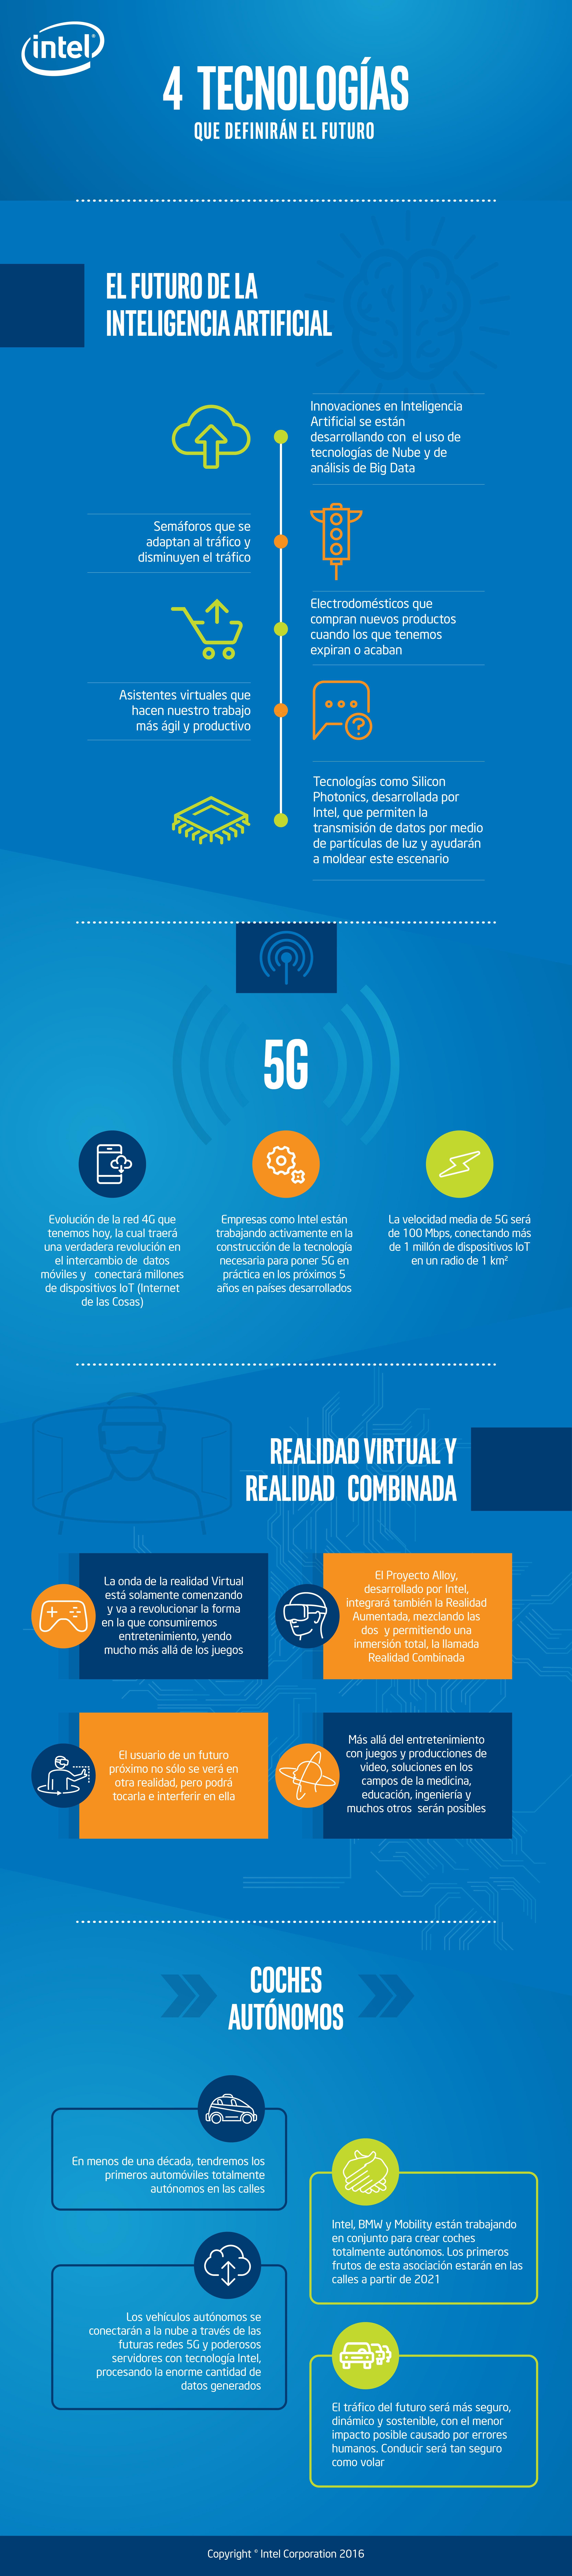 4 tecnologías que definirán el futuro